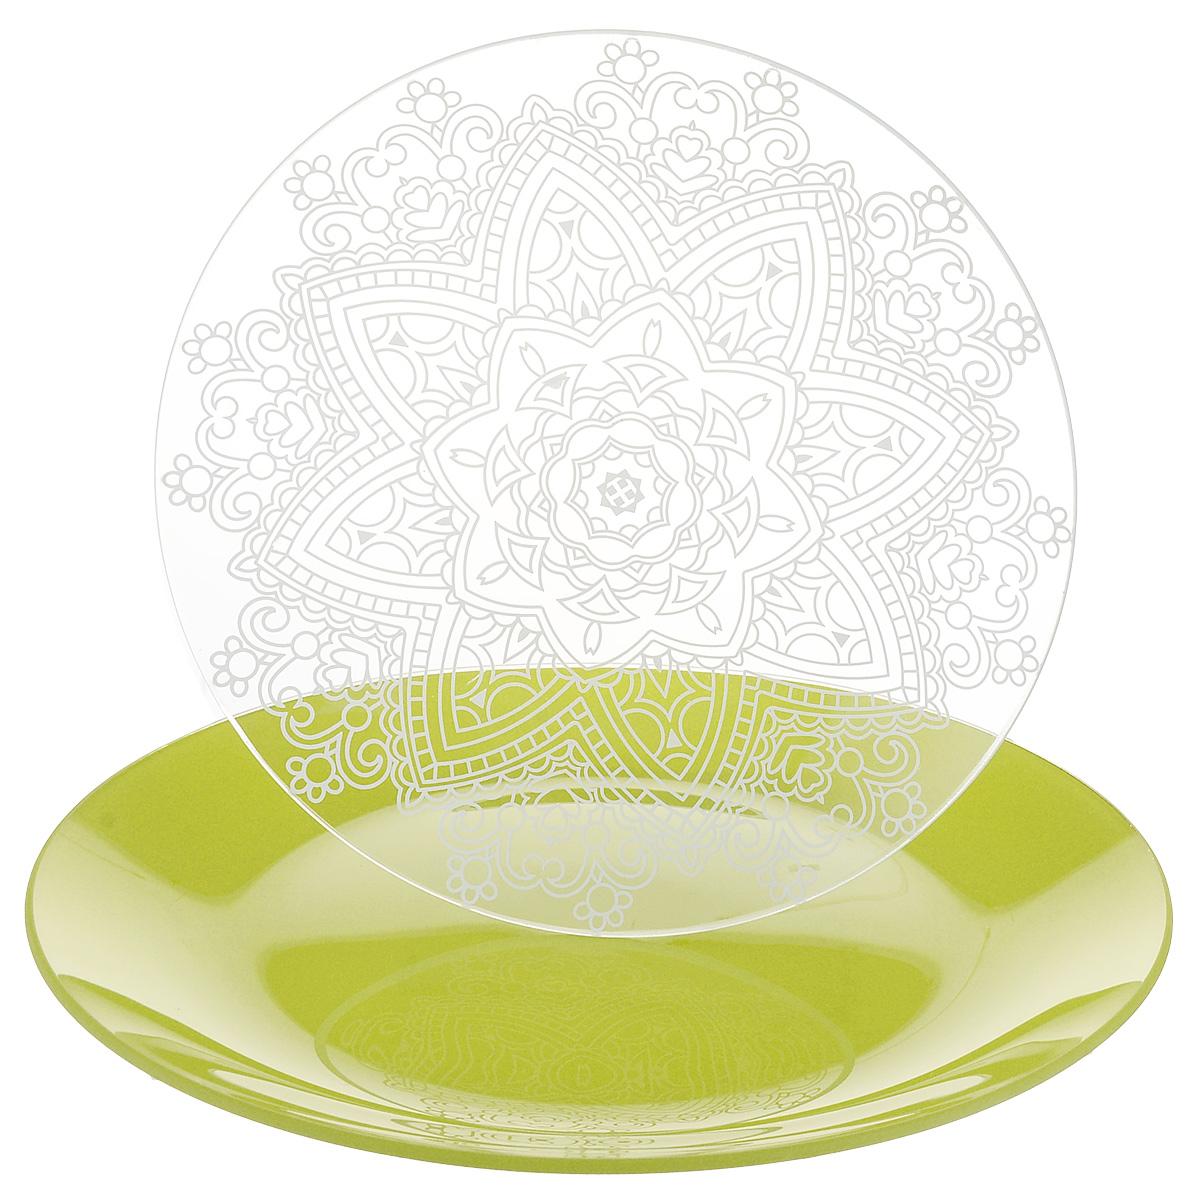 Набор тарелок NiNaGlass, цвет: зеленый, диаметр 20 см, 2 шт. 85-200-148псз85-200-148псзНабор тарелок NiNaGlass Кружево и Палитра выполнена из высококачественного стекла, декорирована под Вологодское кружево и подстановочная тарелка яркий насыщенный цвет. Набор идеален для подачи горячих блюд, сервировки праздничного стола, нарезок, салатов, овощей и фруктов. Он отлично подойдет как для повседневных, так и для торжественных случаев. Такой набор прекрасно впишется в интерьер вашей кухни и станет достойным дополнением к кухонному инвентарю.